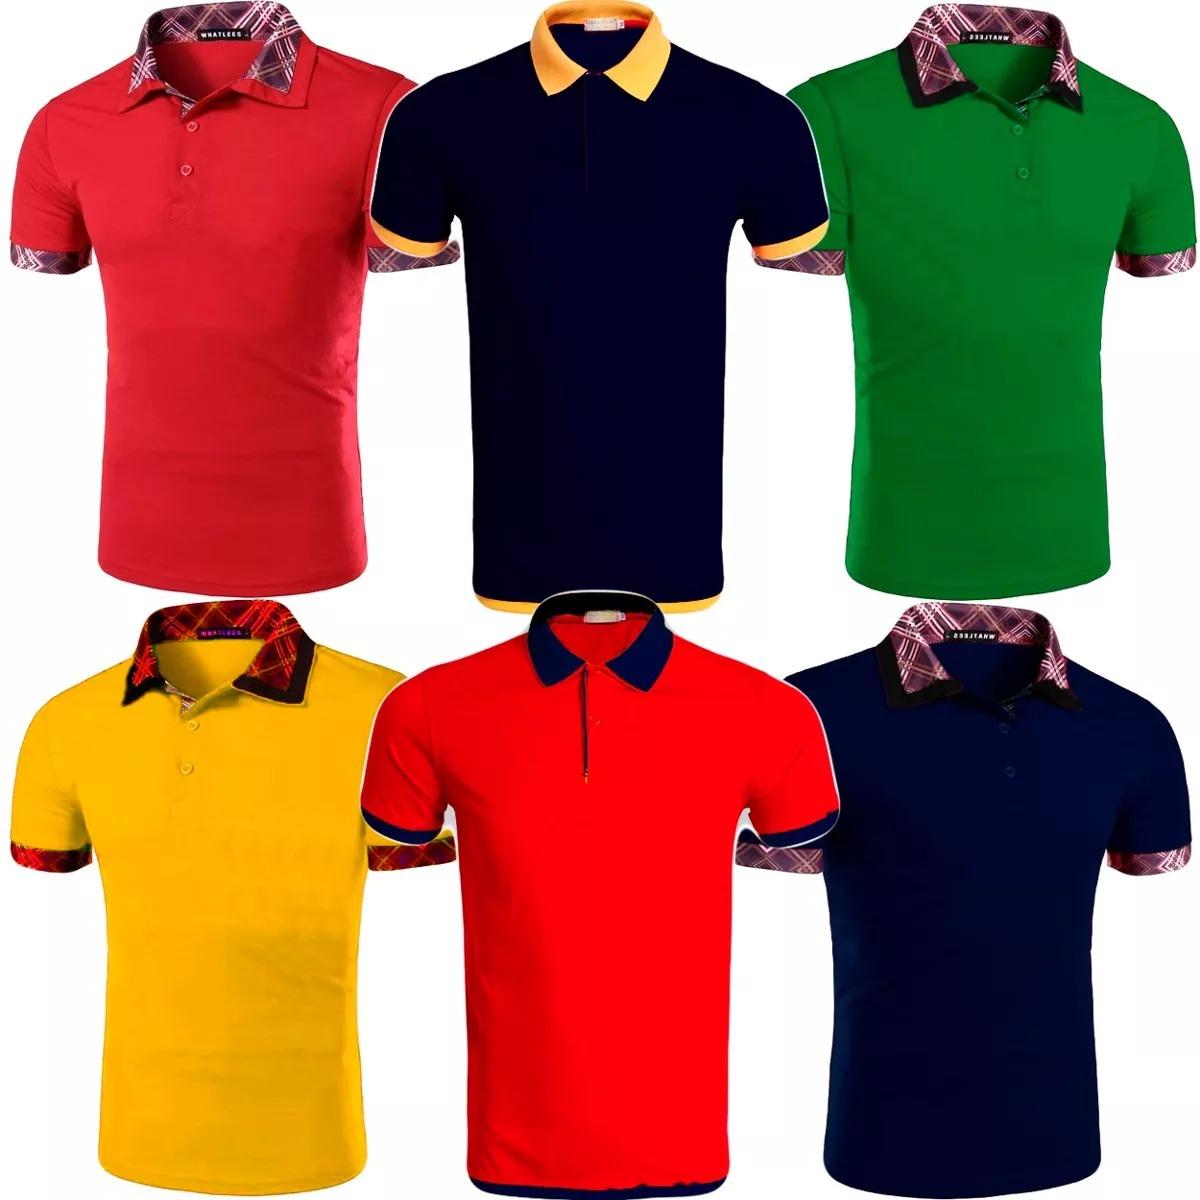 Kit 10 Camisas Polo Masculina Atacado Blusa Camiseta De Luxo - R ... 798c48c99c43e